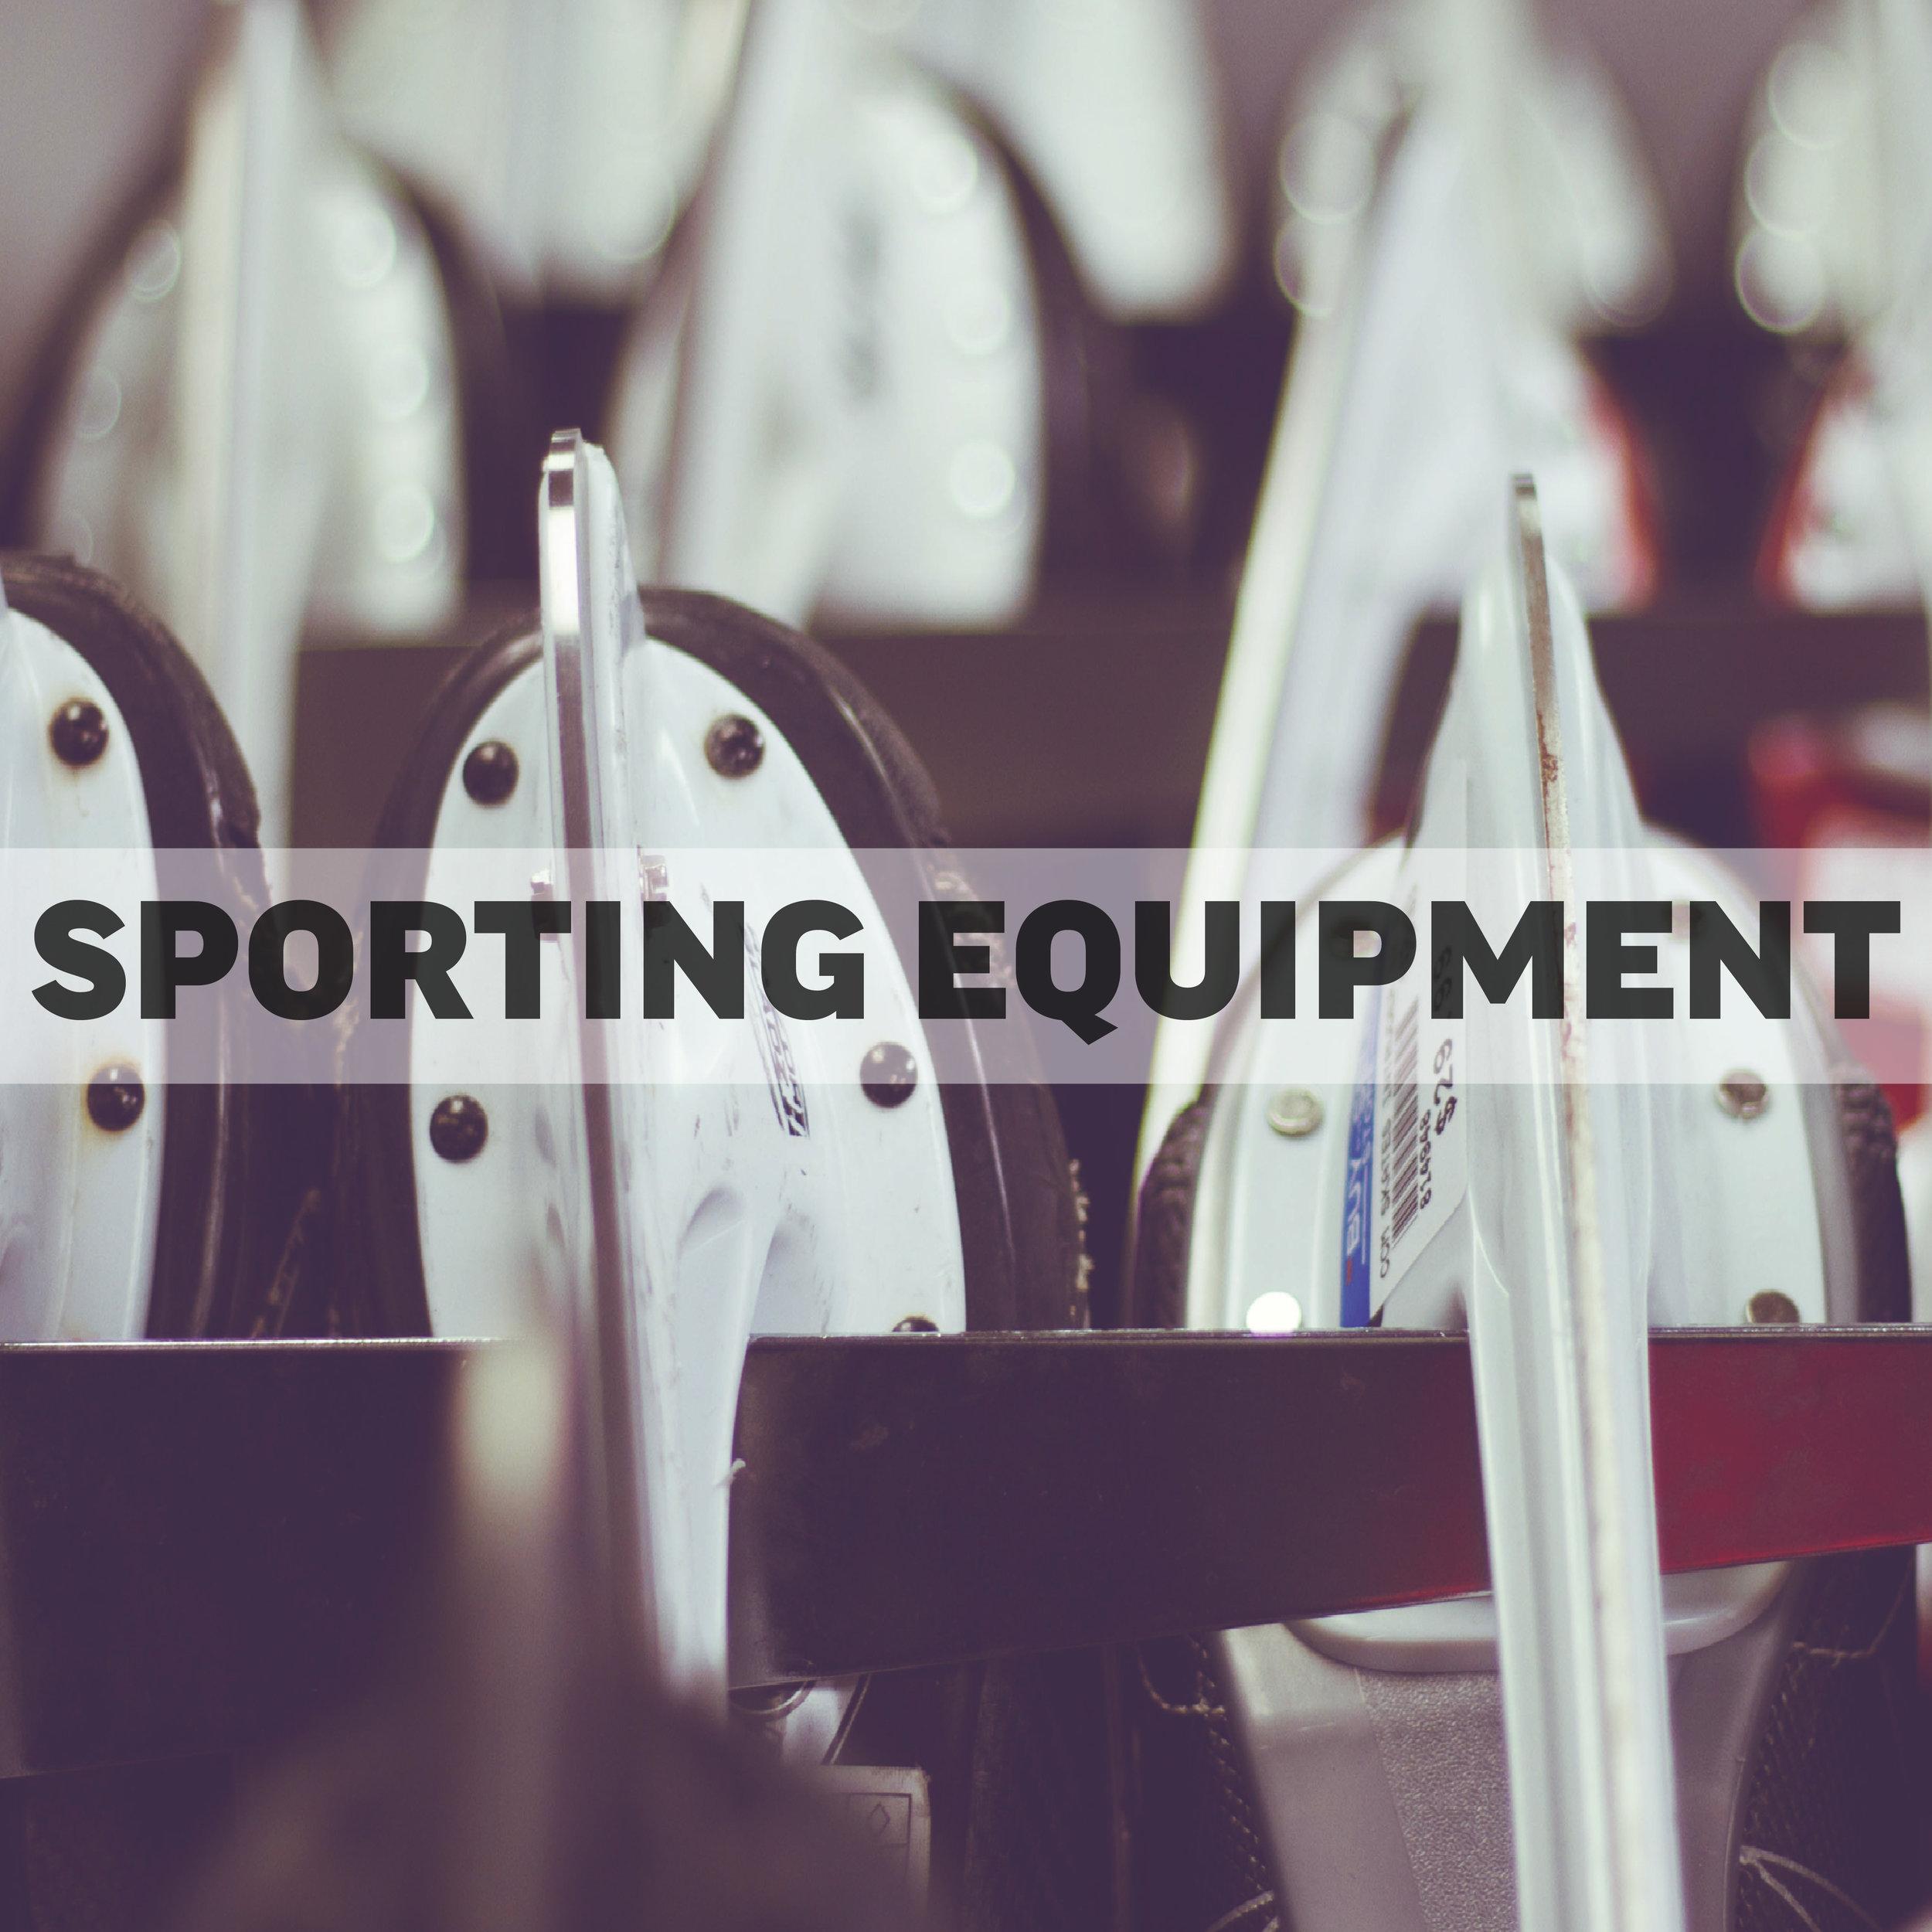 SportingEquipment-01.jpg